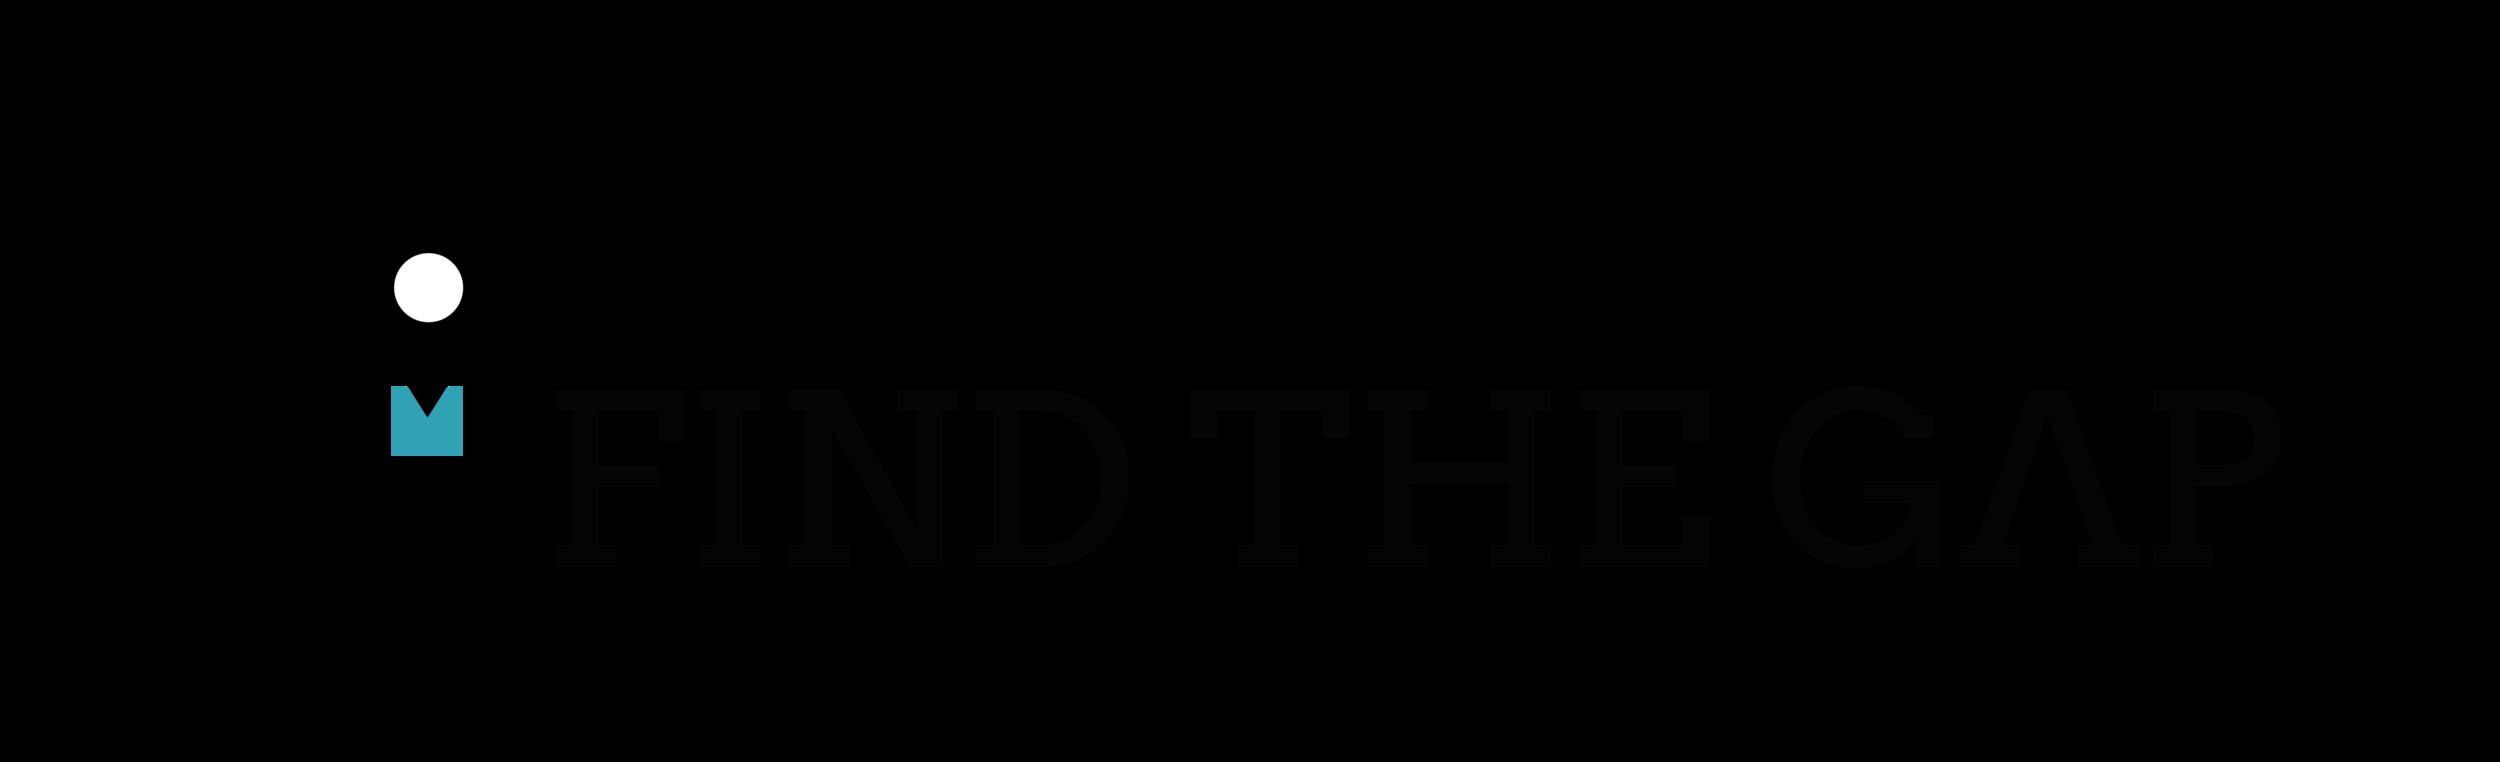 1. FindTheGap_Logo_v2_black_300dpi.png